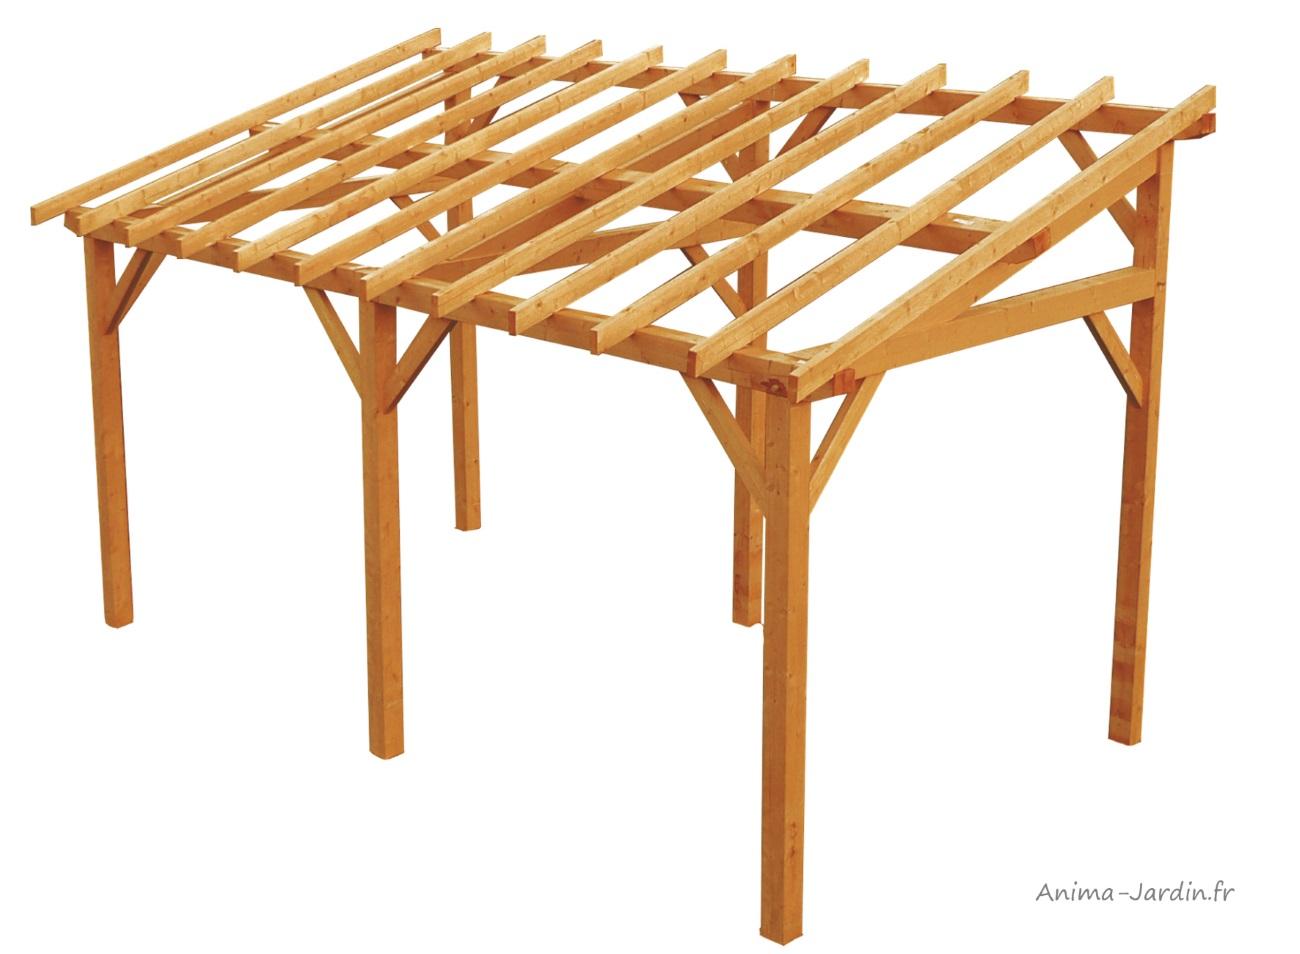 structure-vanoise-15m²-bois-rangement-carport-bûcher-anima-jardin.fr